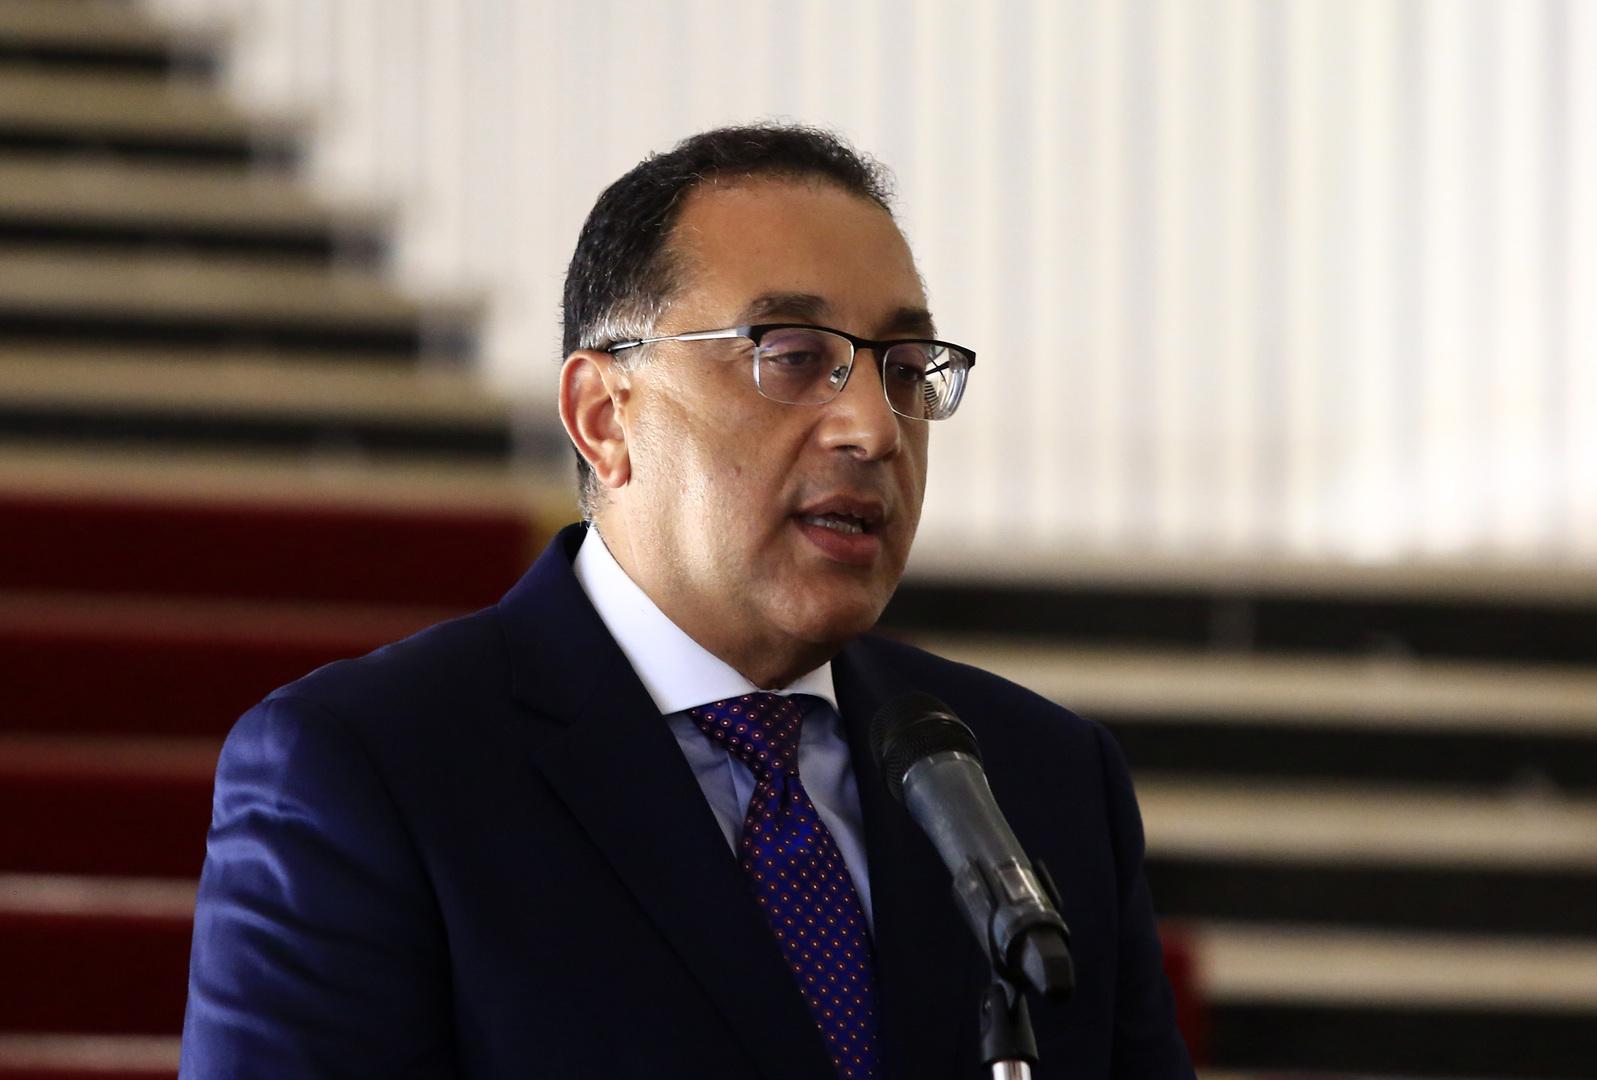 مصطفى مدبولي يكشف عن إطلاق قمة دولية باسم